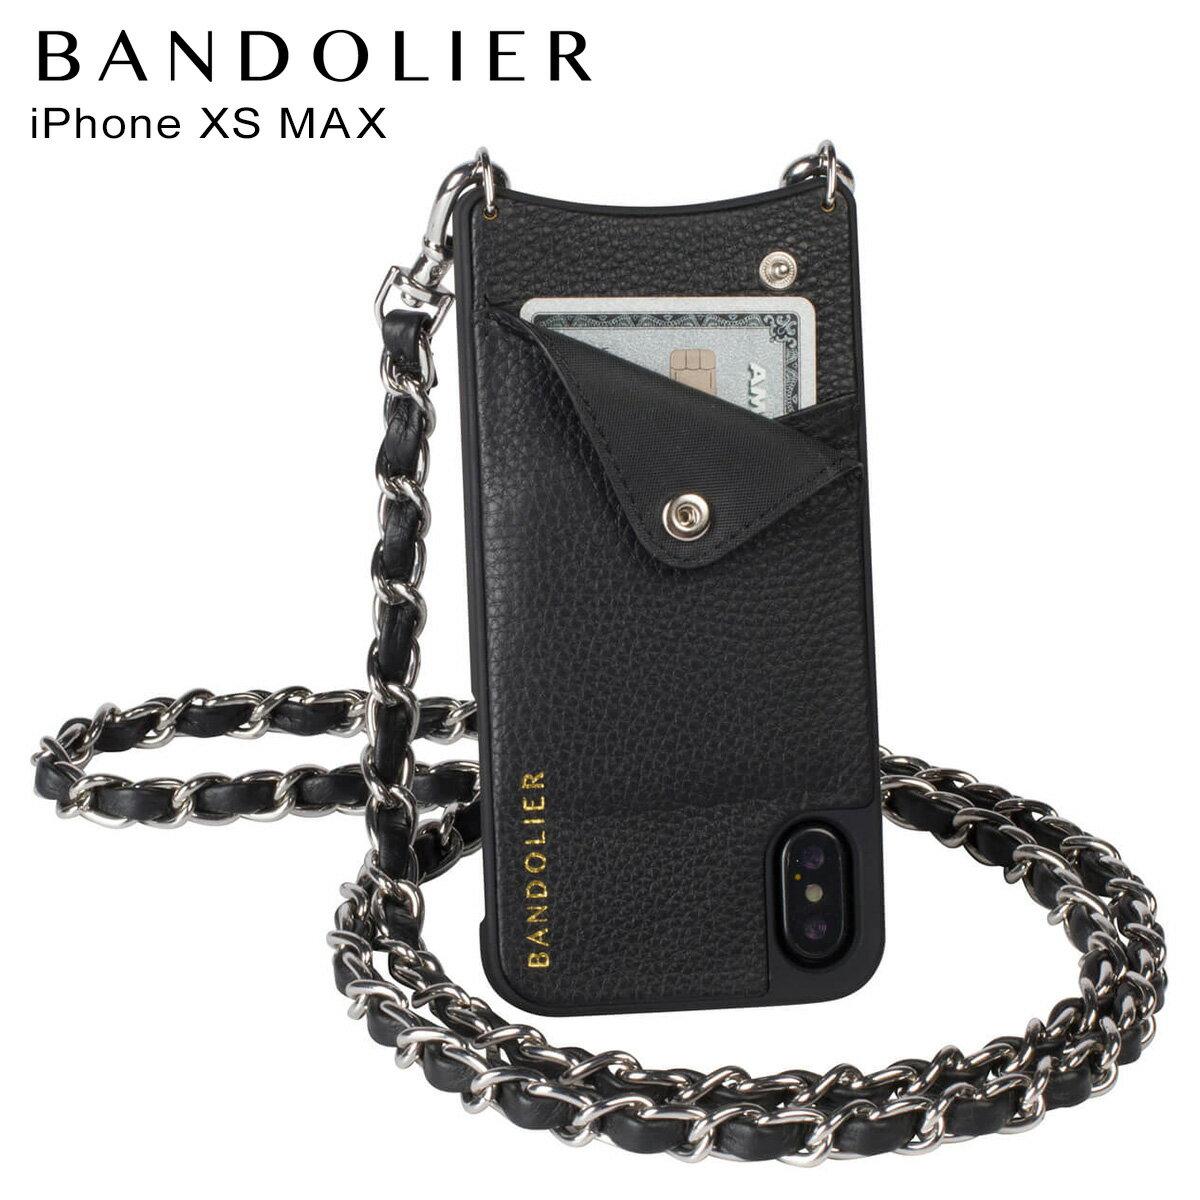 BANDOLIER バンドリヤー iPhone XS MAX ケース ショルダー スマホ アイフォン レザー LUCY SILVER メンズ レディース ブラック 10LCY1001